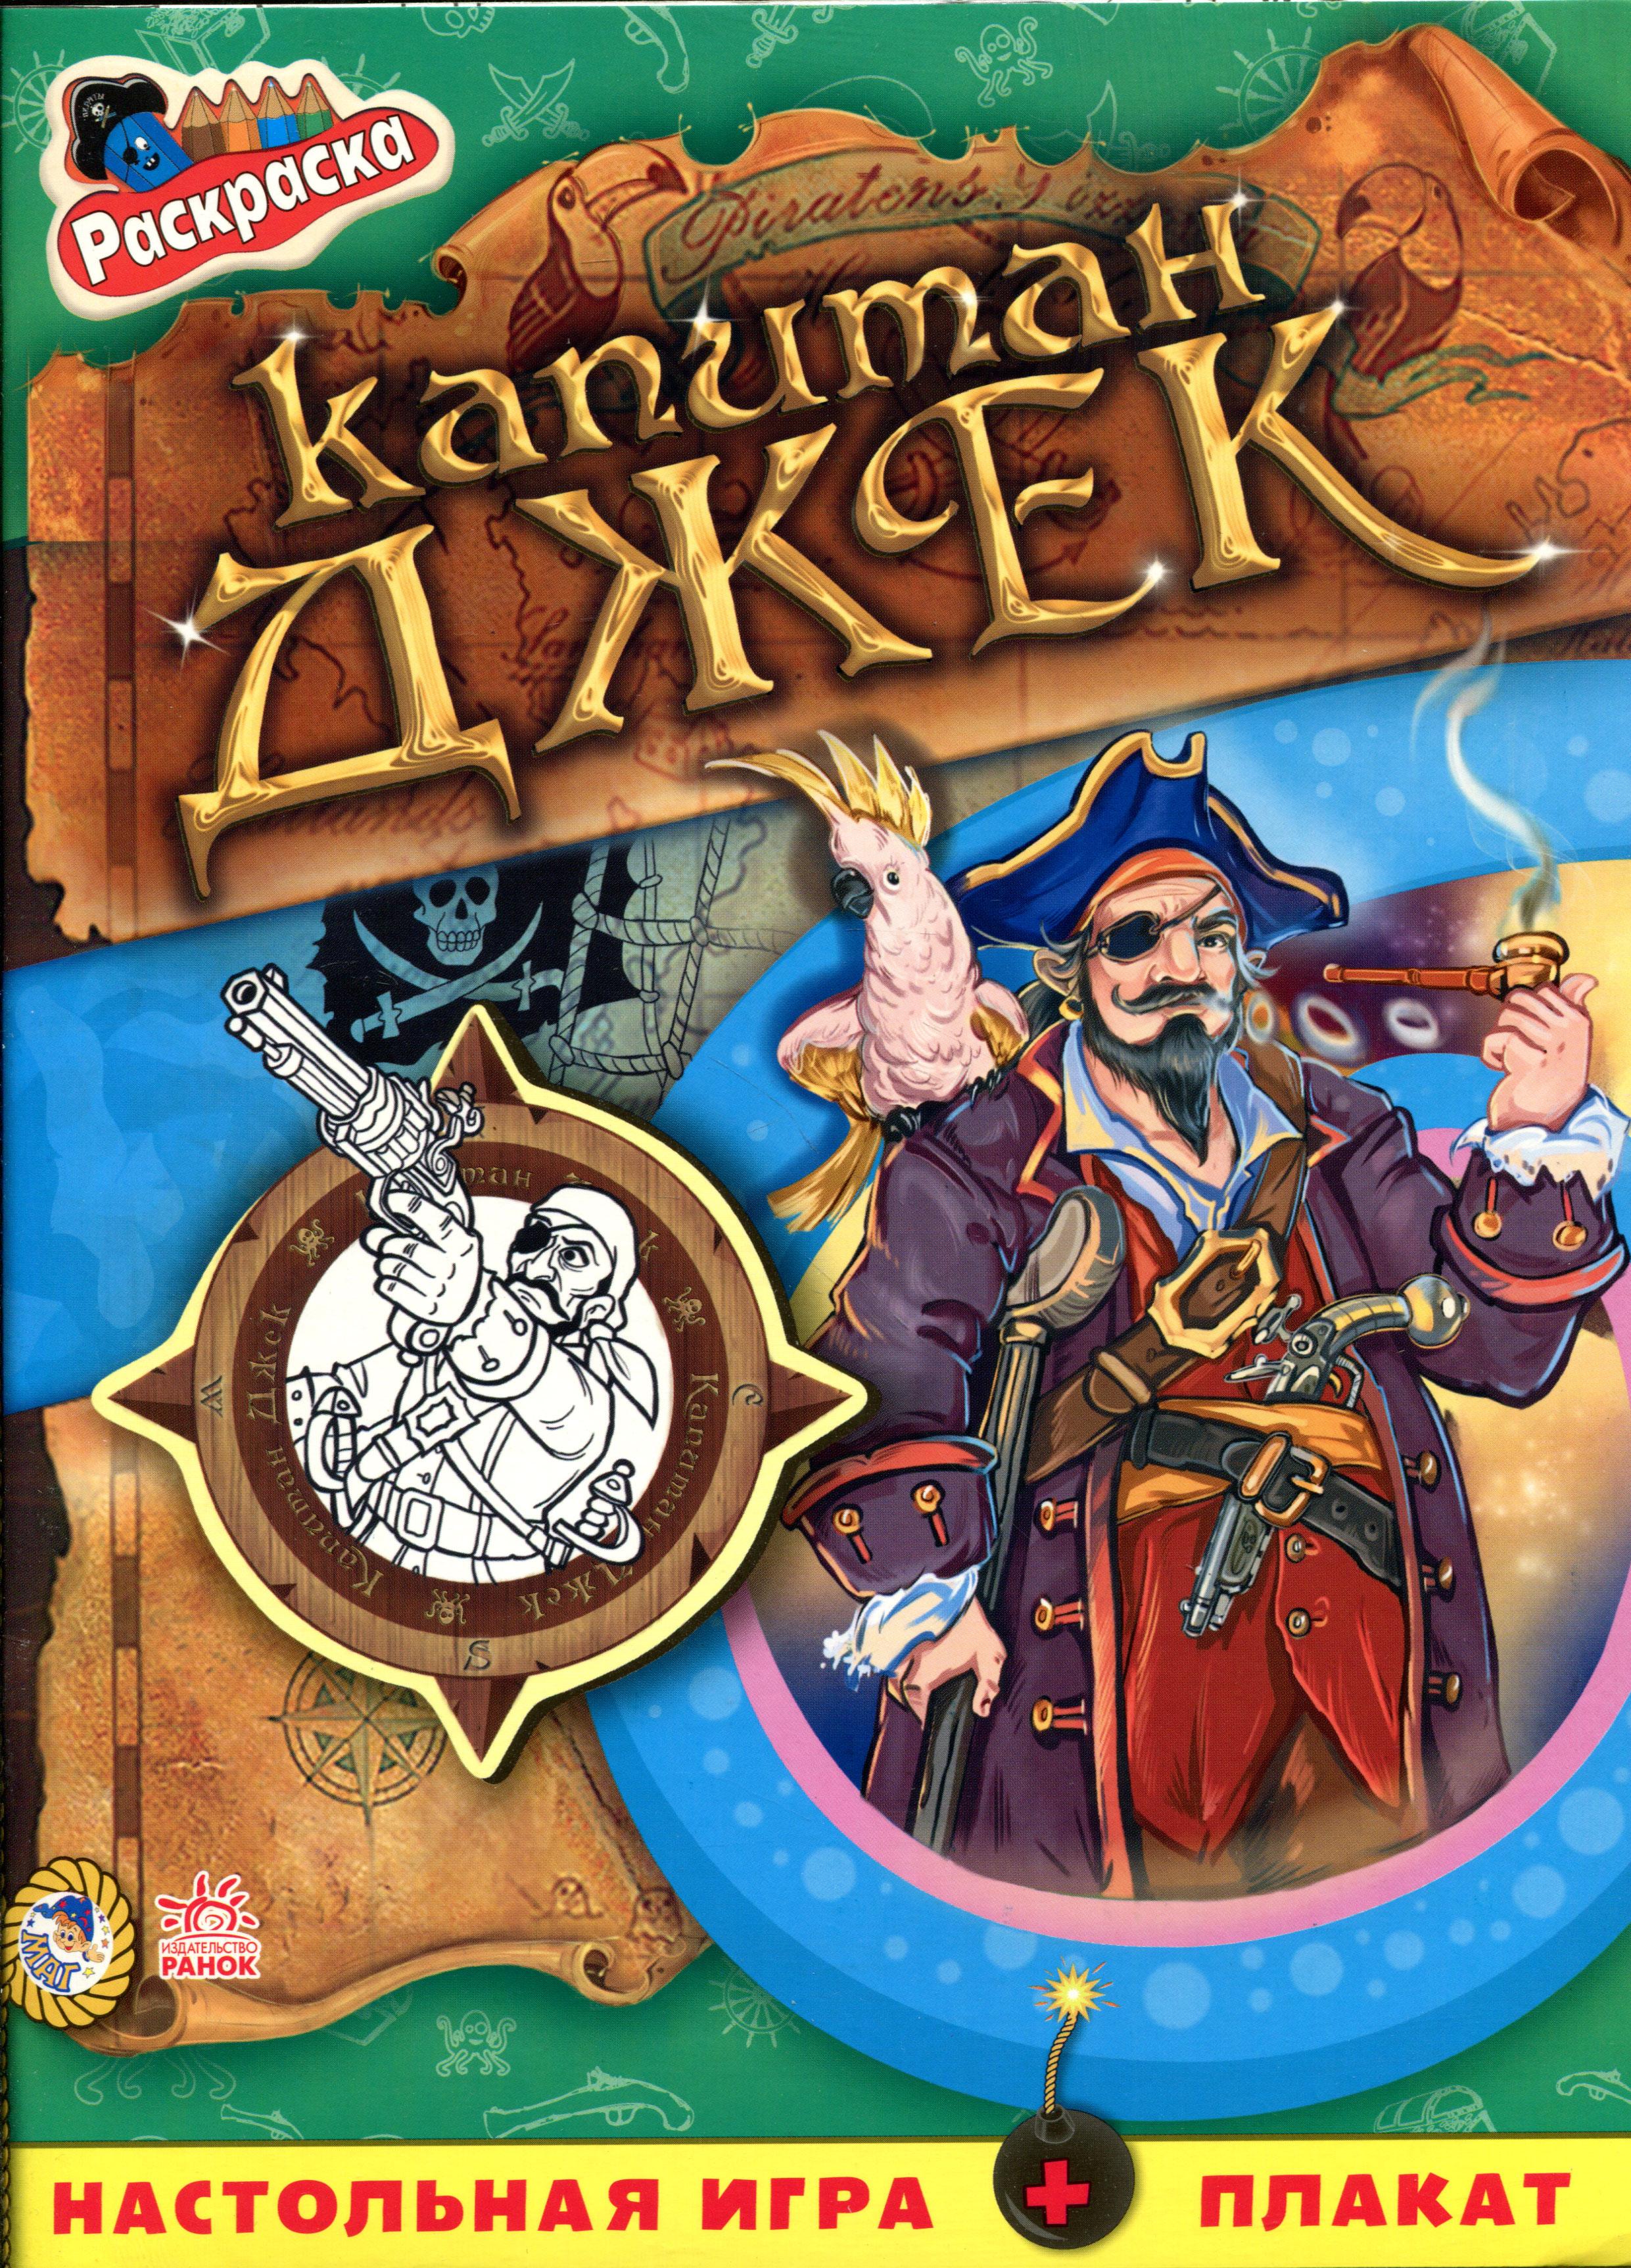 Капитан Джек Раскраска (+ настольная игра и плакат)